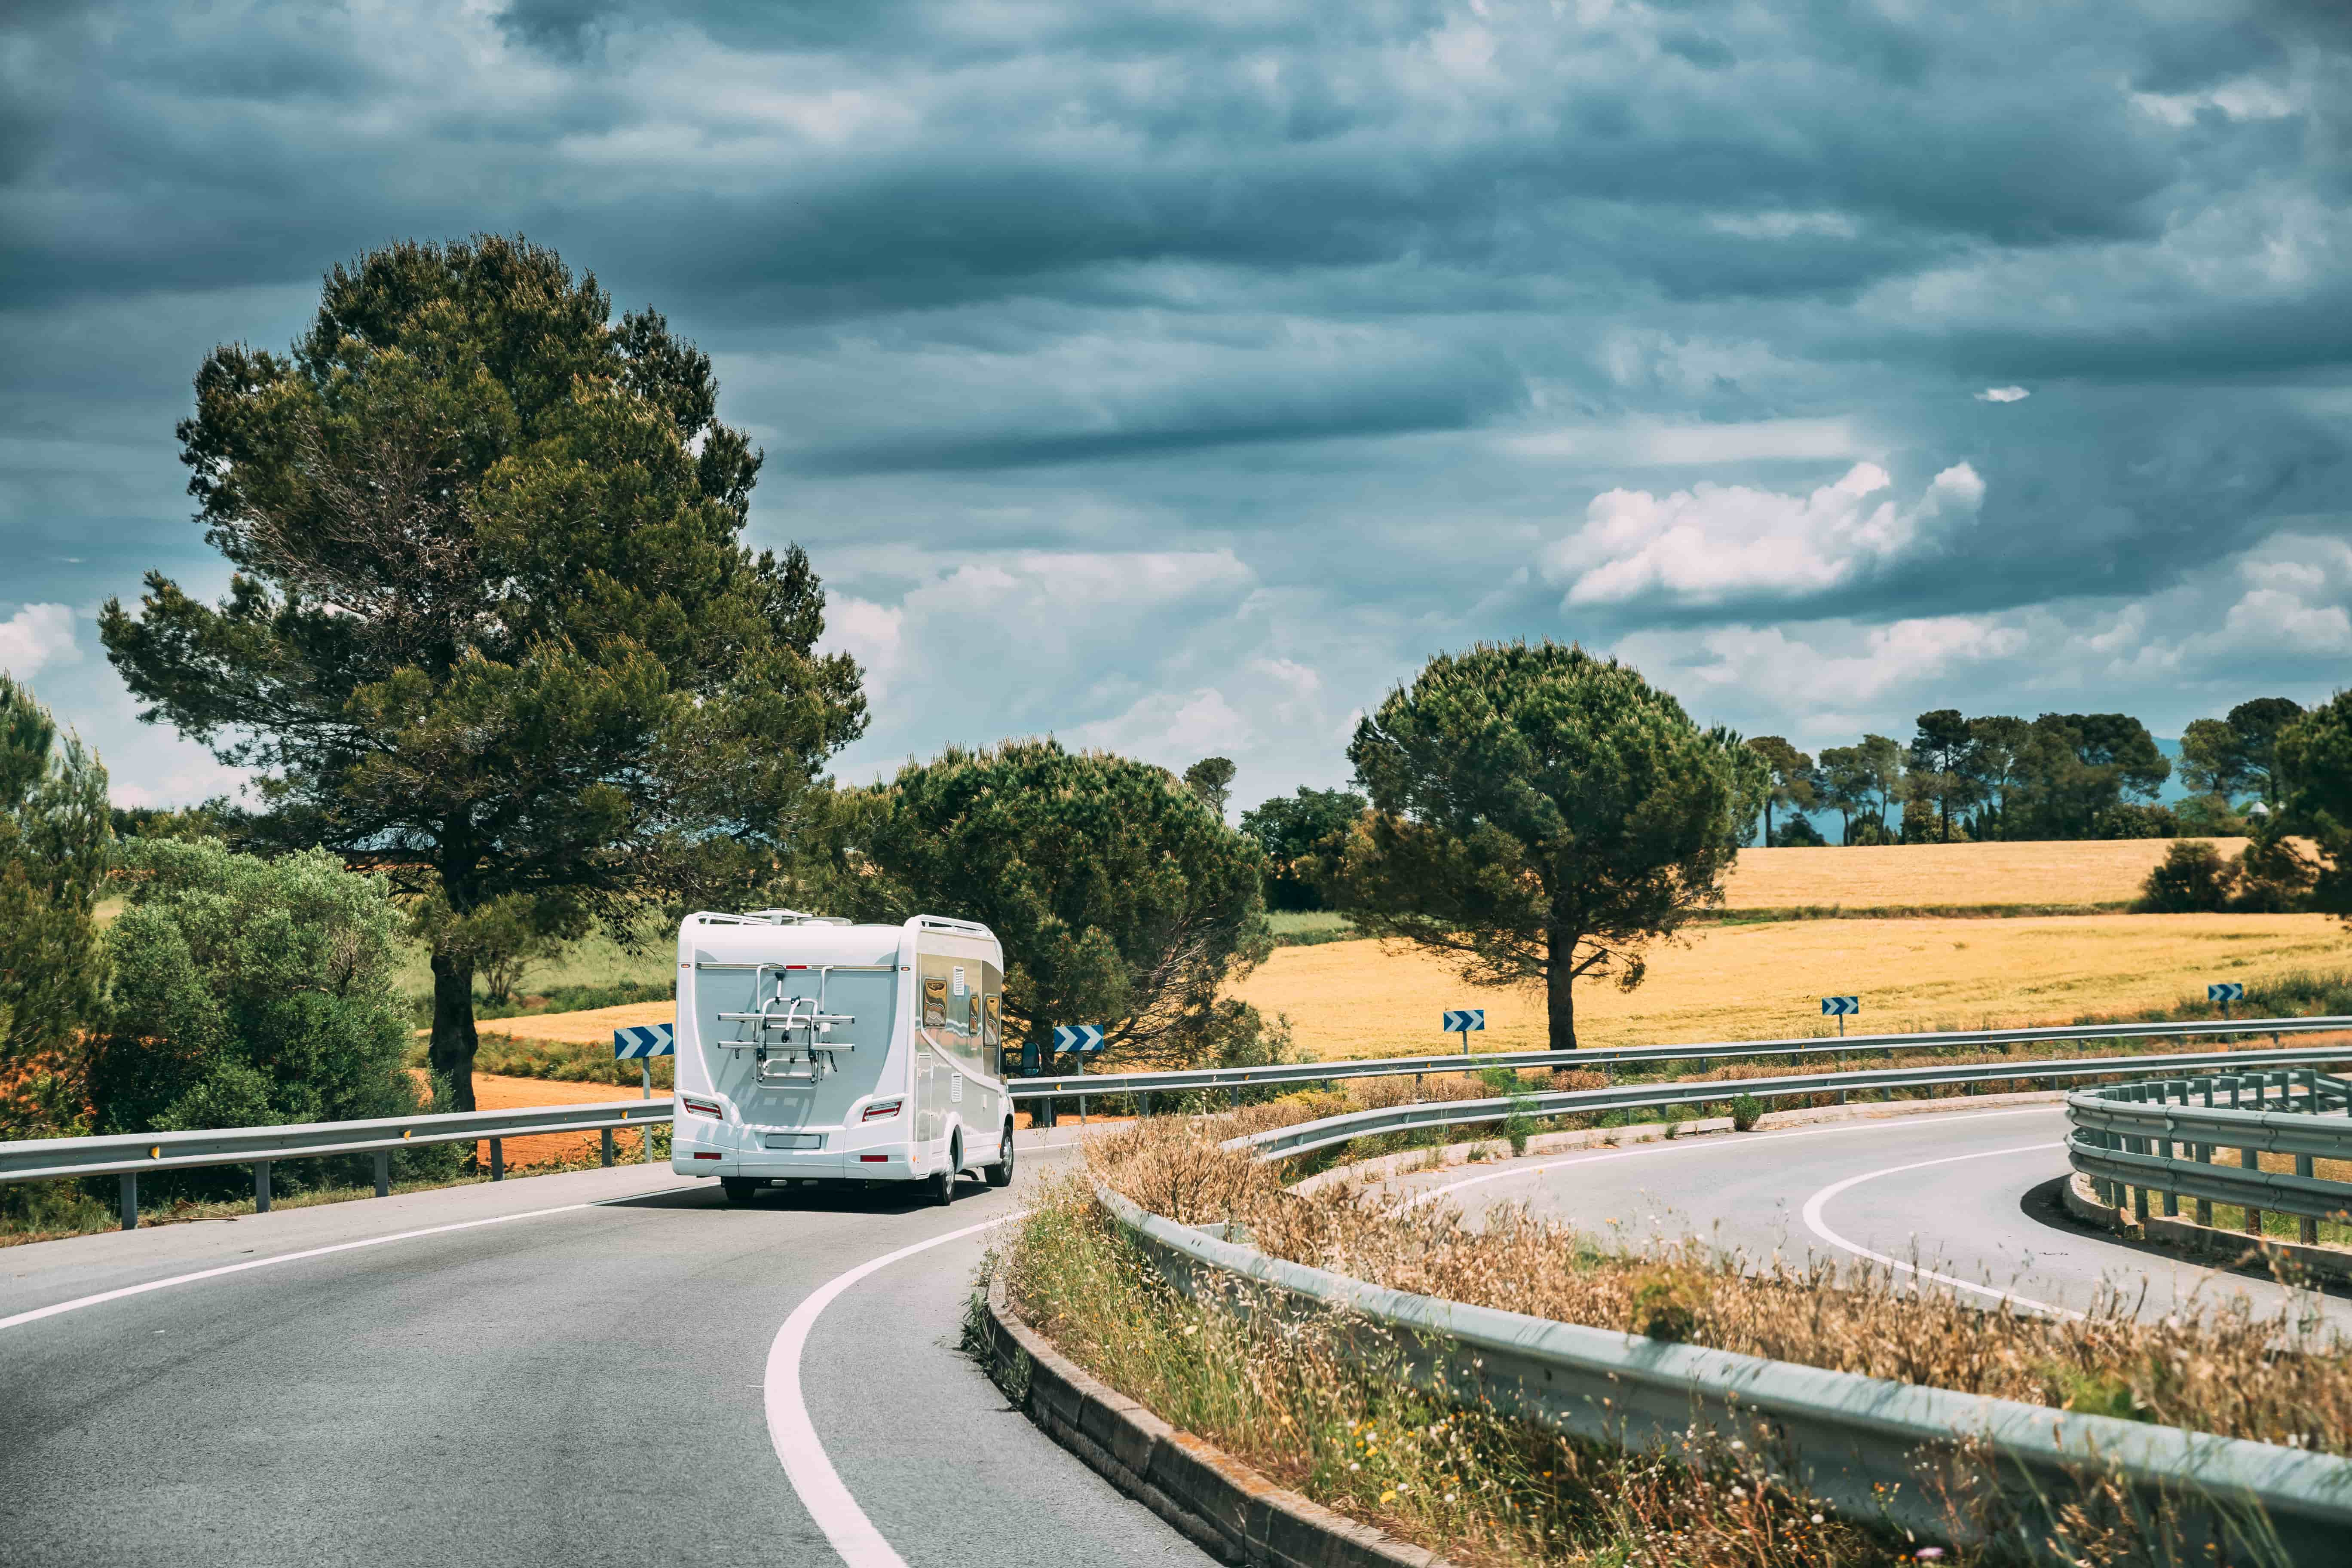 Motorhome on road